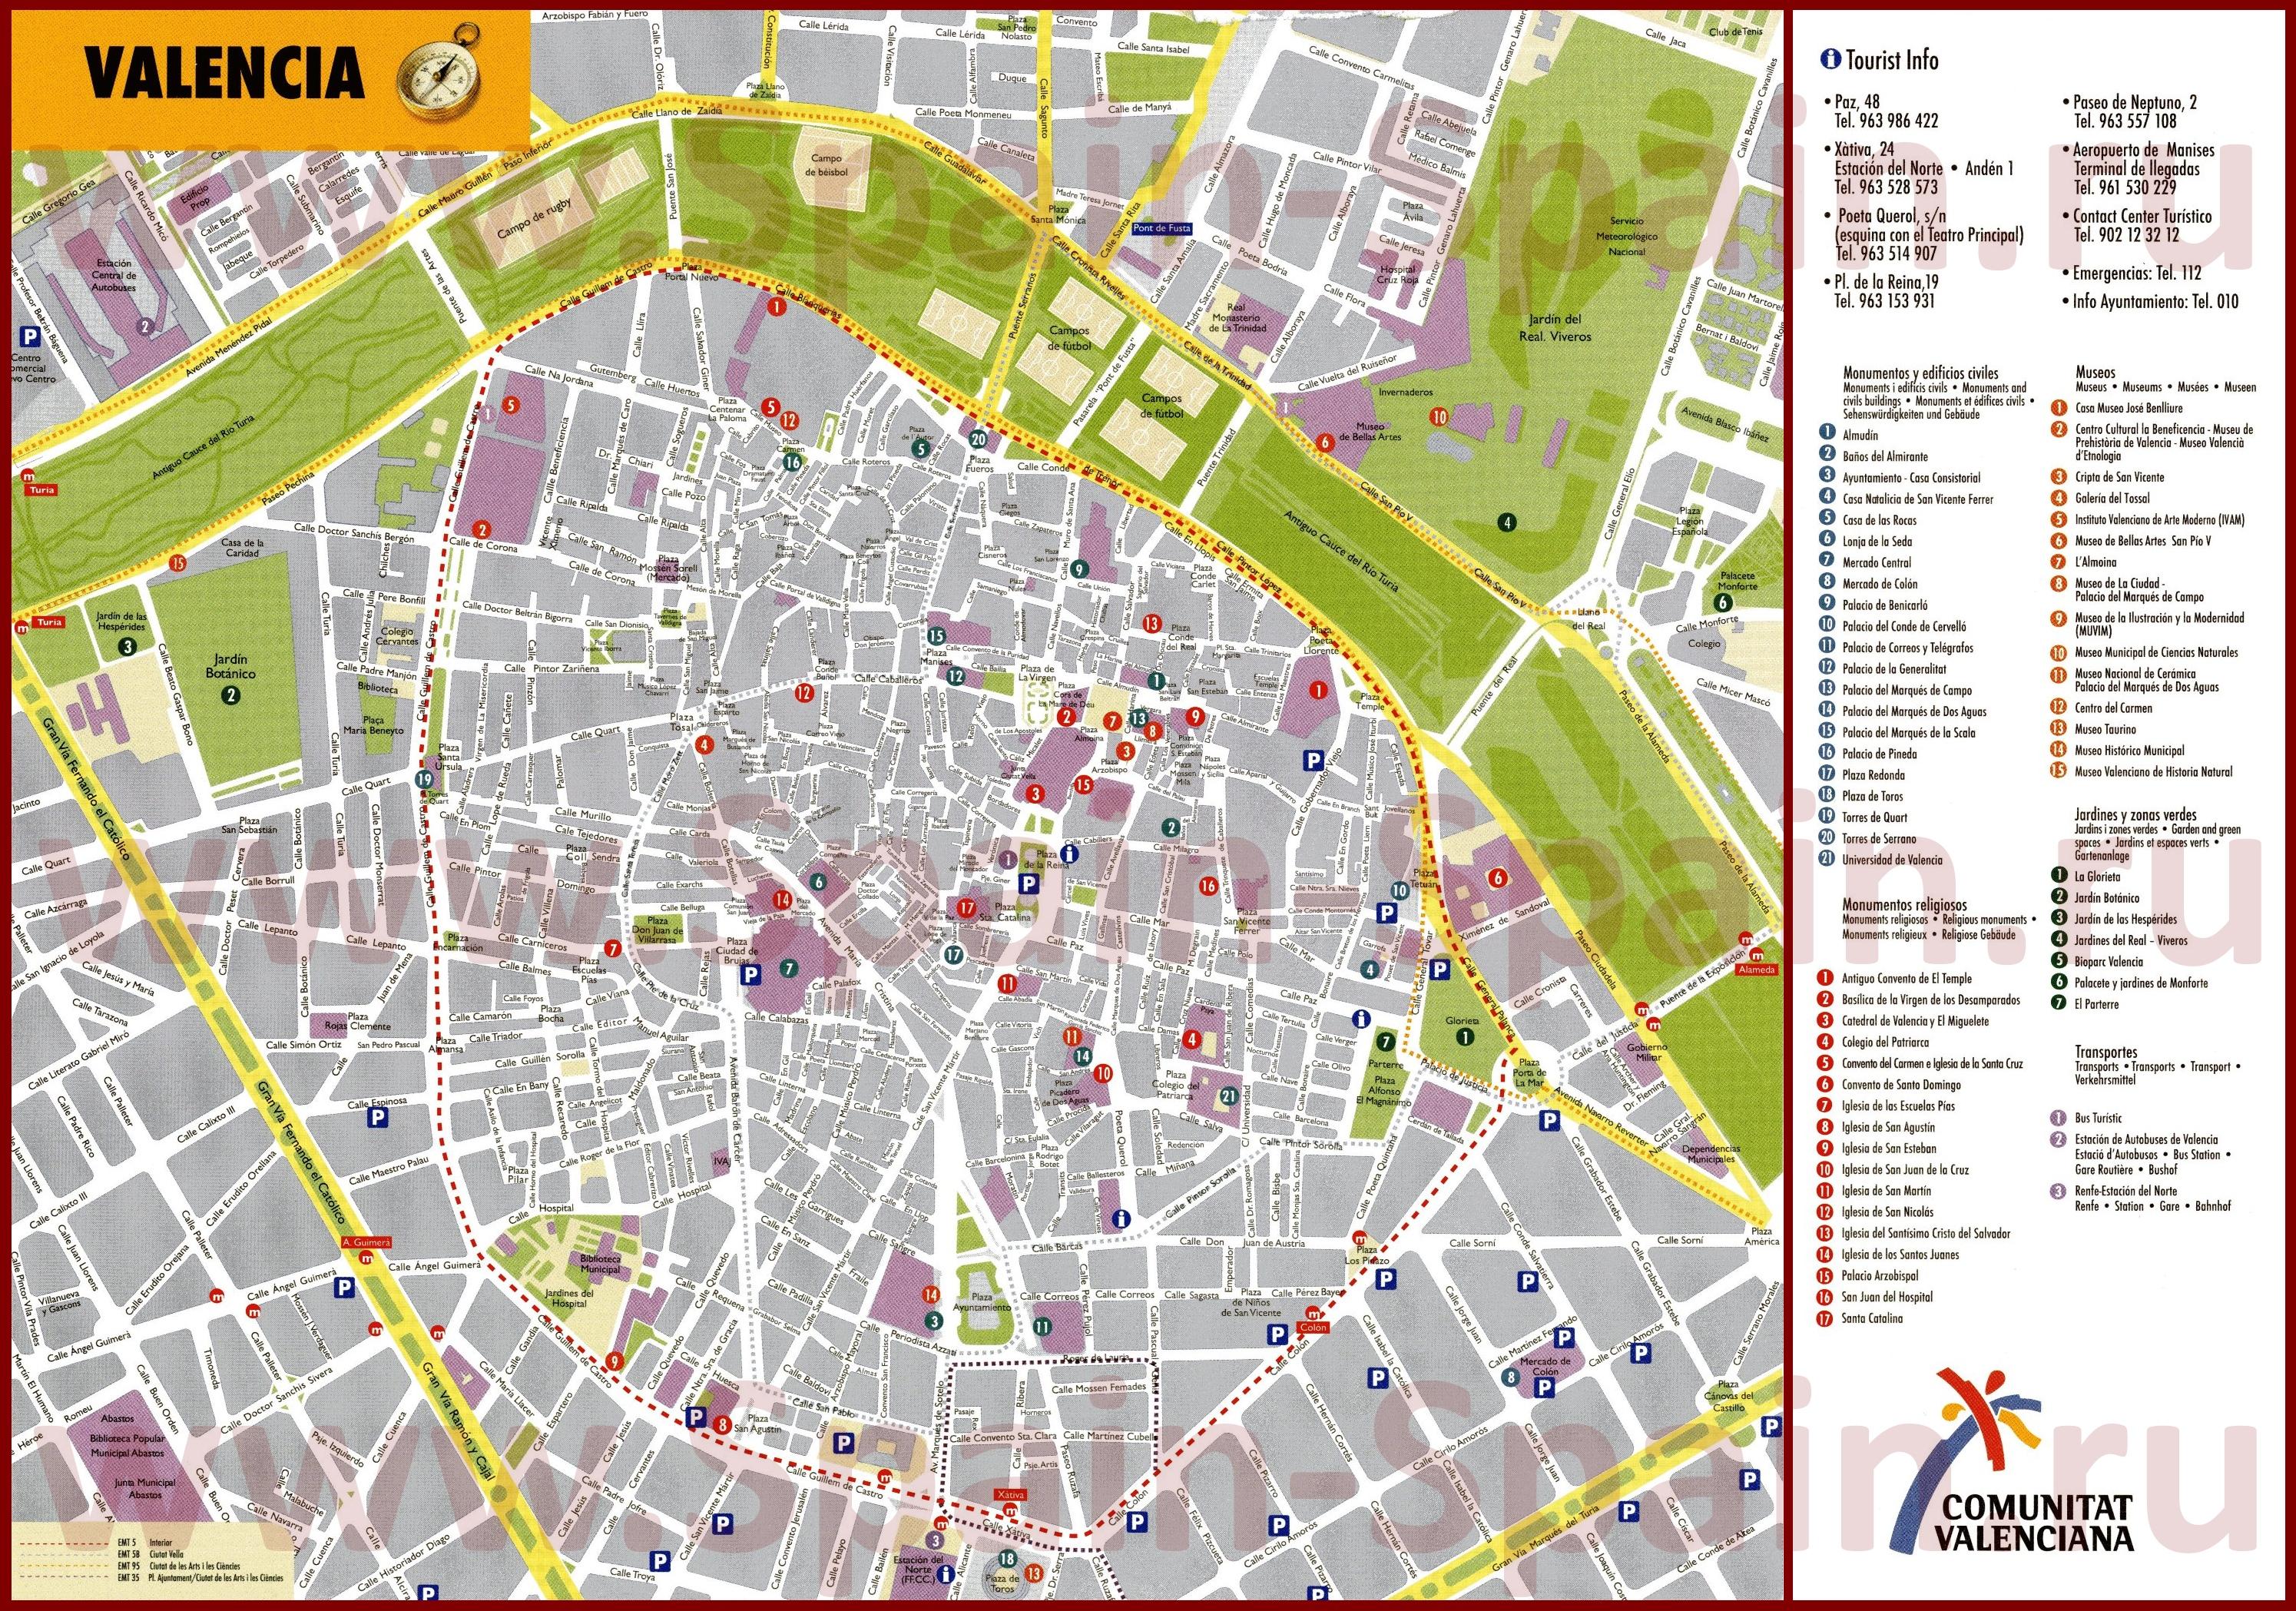 Подробная Карта Валенсии - luxehouse Валенсия Испания Карта